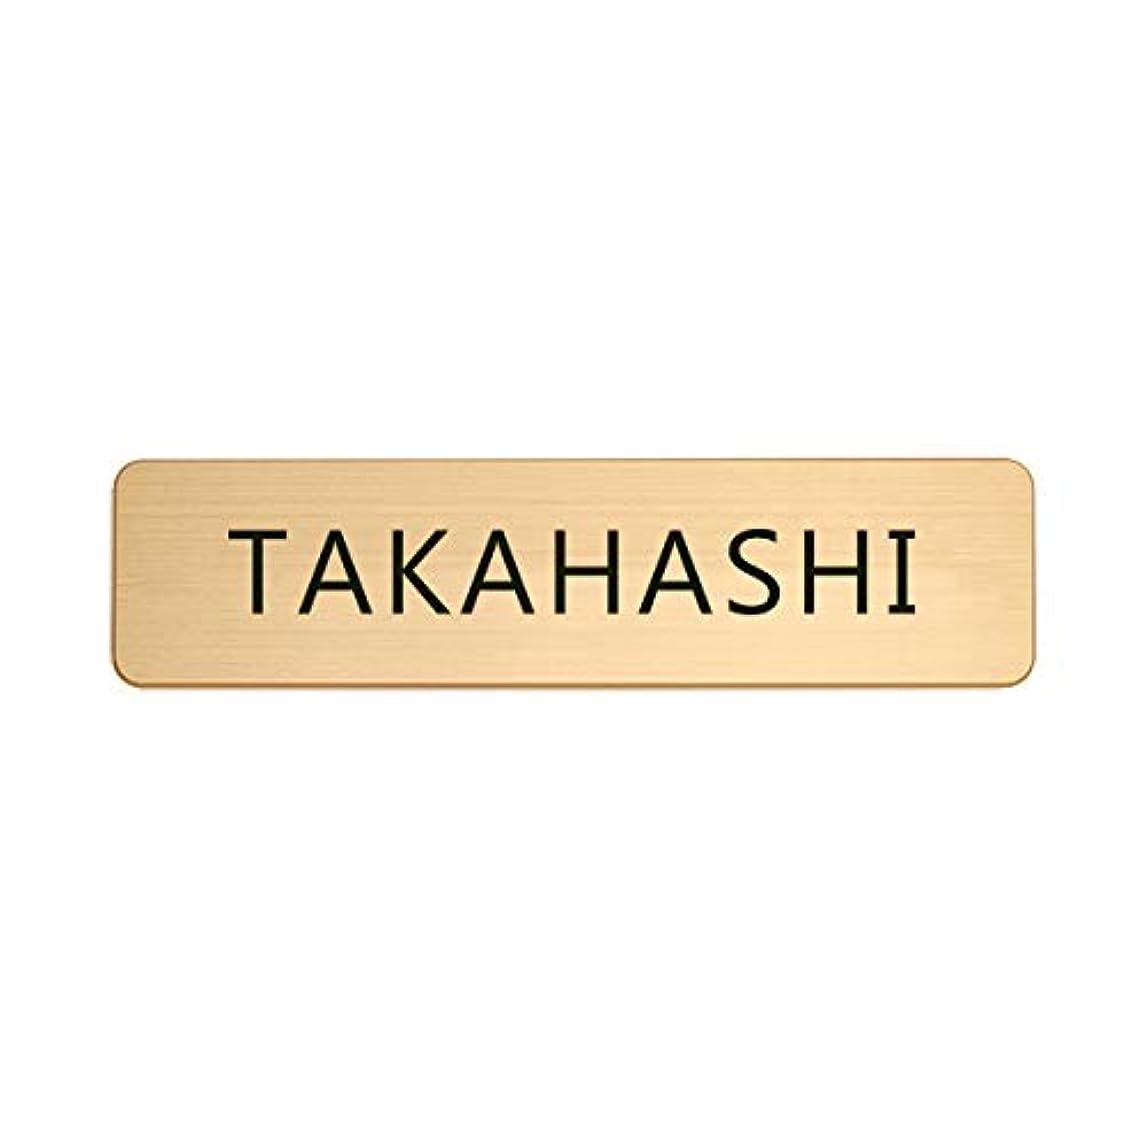 地殻業界韓国語HANSMARE NAME PLATE (GOLD,TAKAHASHI) アルミニウム表札 表札 ネームプレート ドアプレート 室名札